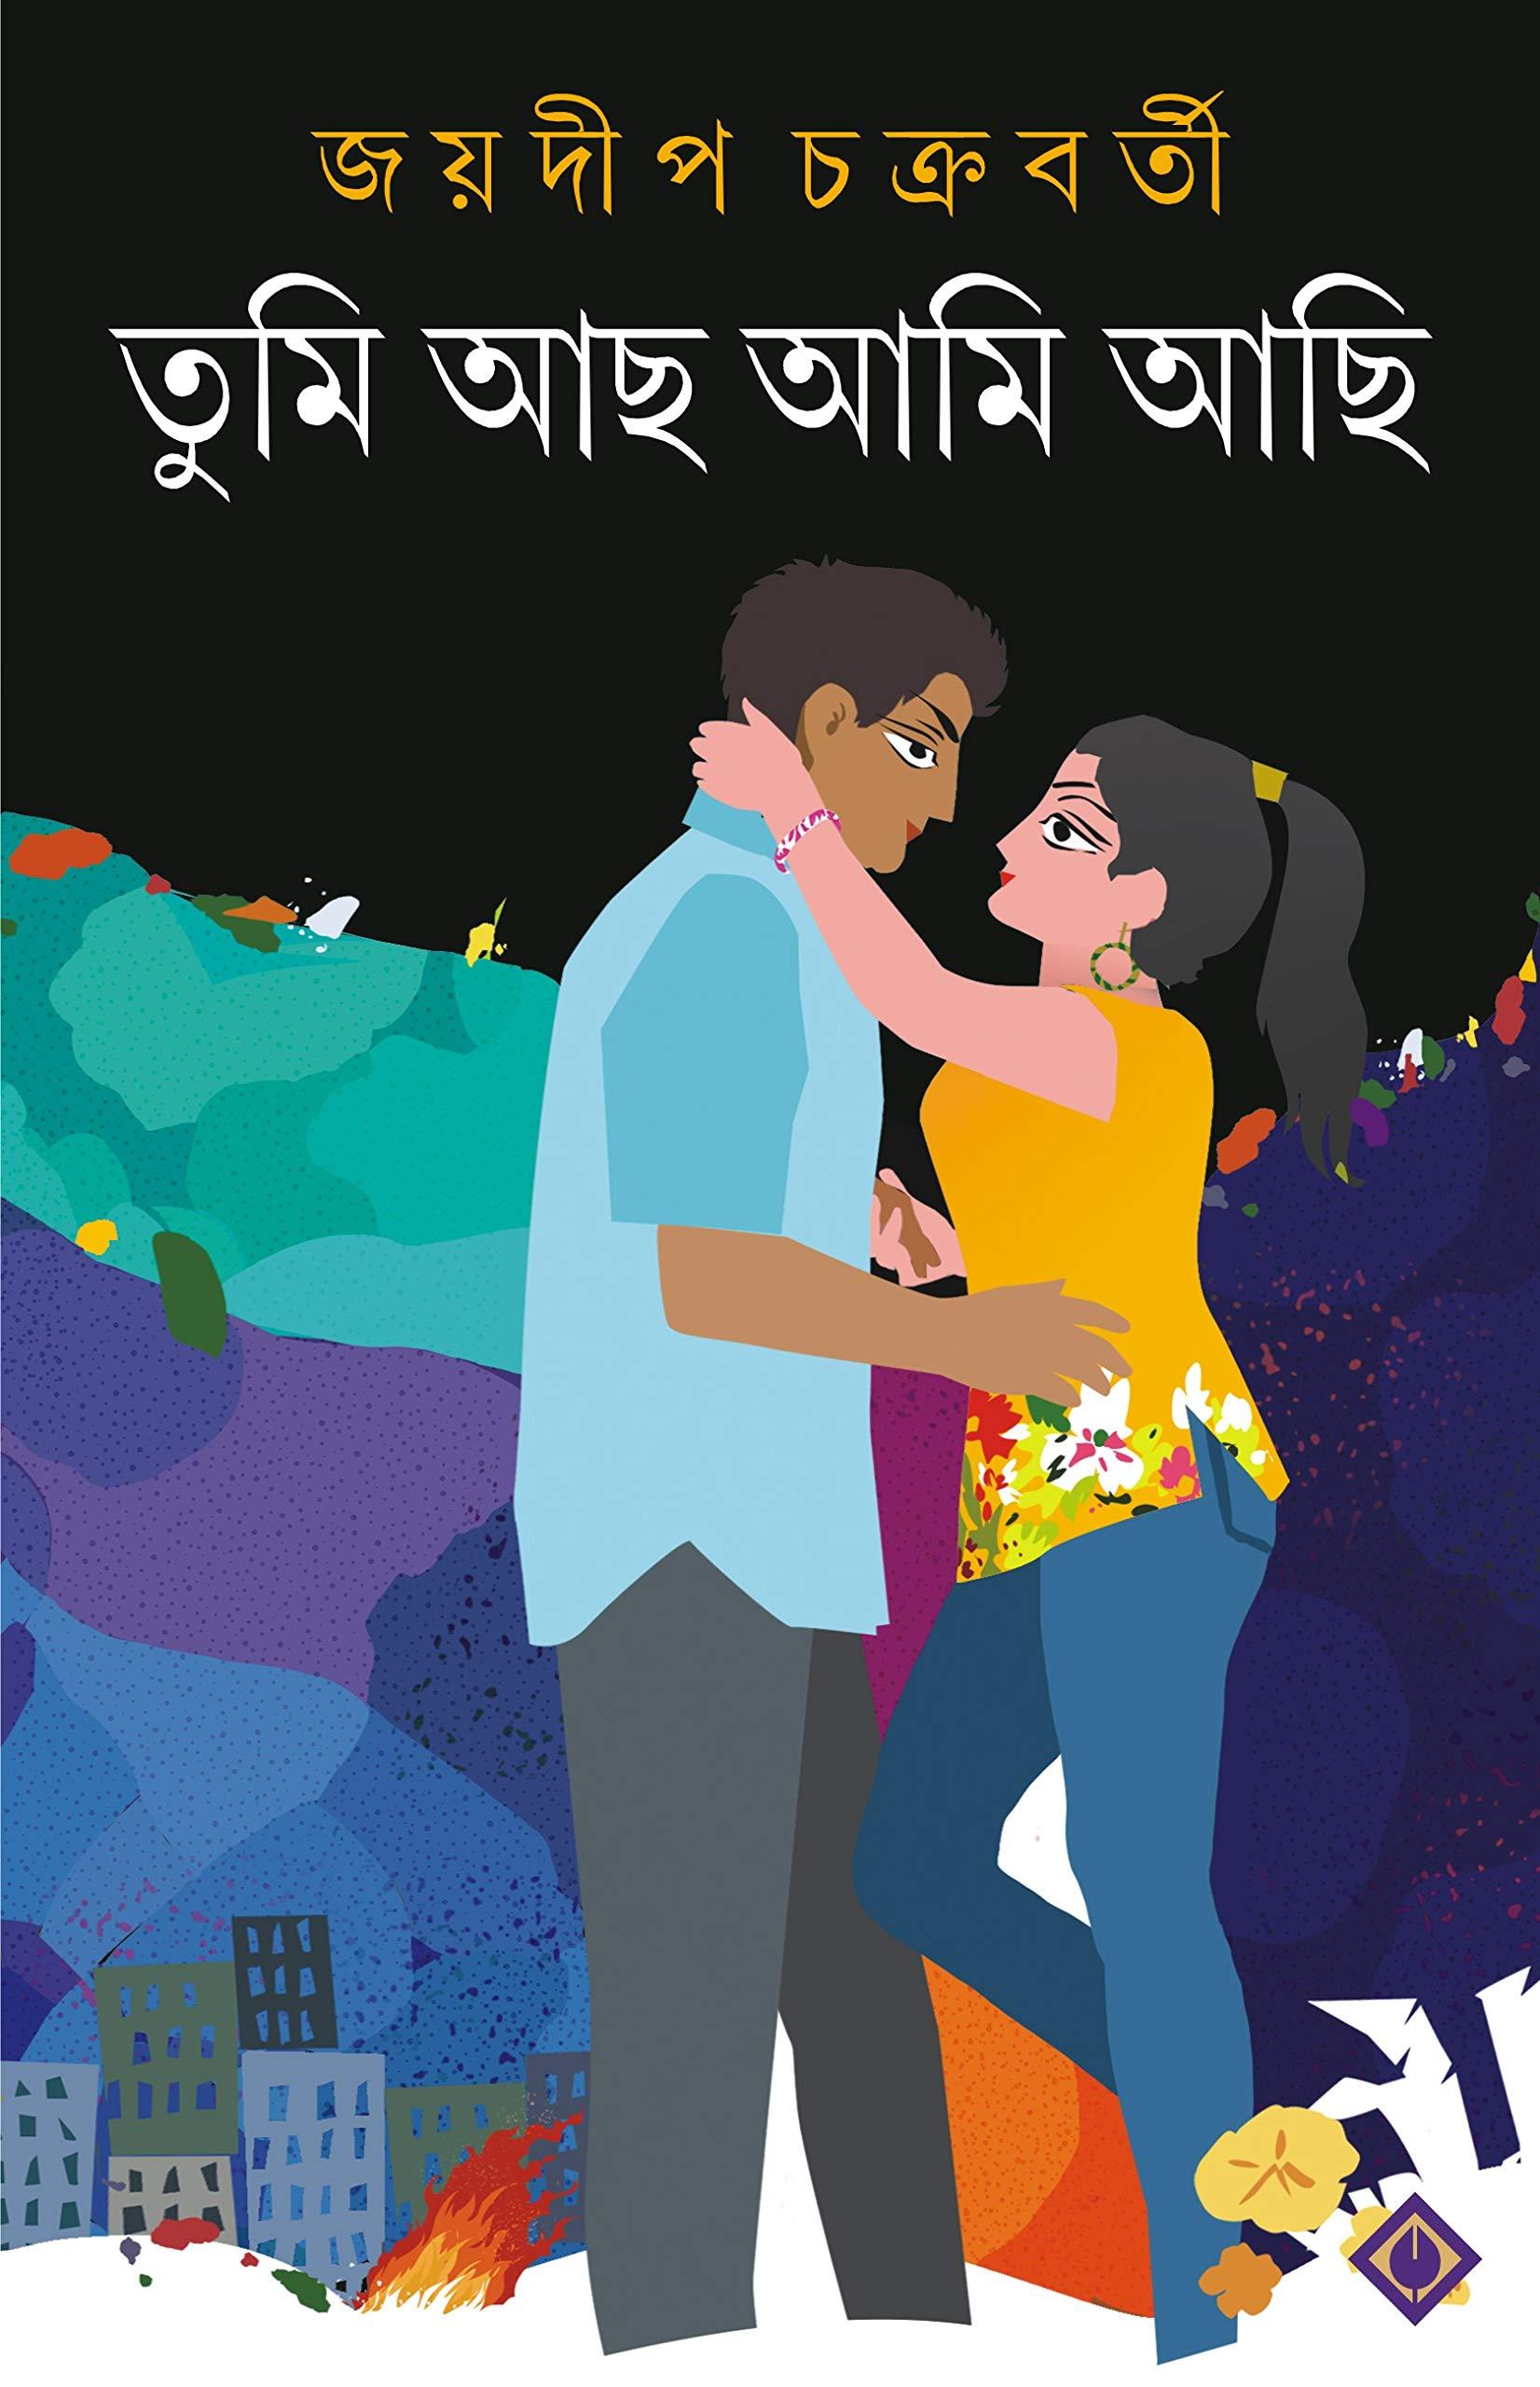 TUMI ACHO AMI ACHI Bengali Adult Novel Bangla Upanyas Joydeep ChakrabortyLove, Spirituality, Lust Fiction [Hardcover] JOYDIP CHAKRABORTY